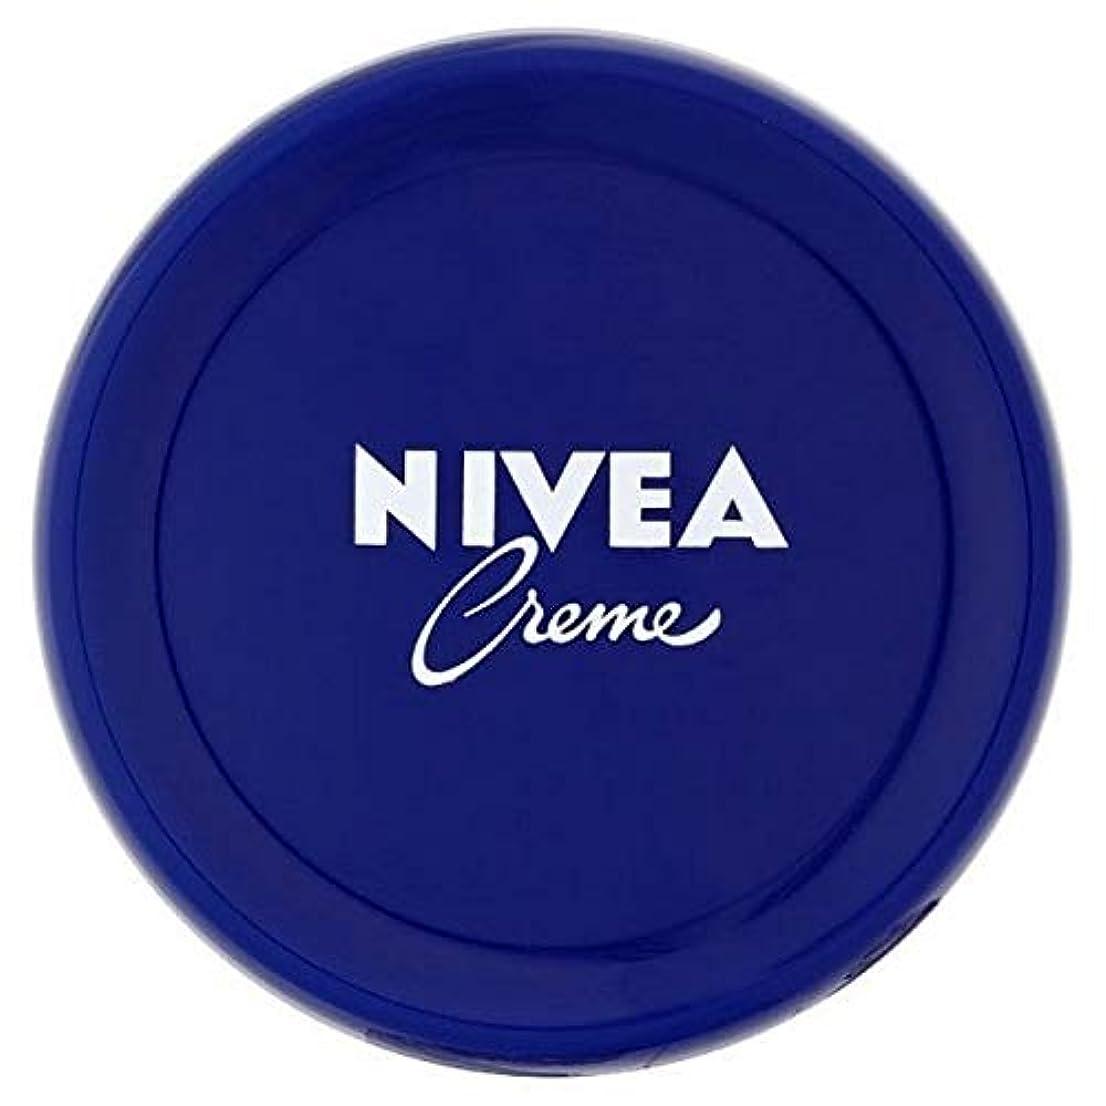 原理アシスト外向き[Nivea ] ニベアクリーム万能ボディクリーム、200ミリリットル - NIVEA Creme All Purpose Body Cream, 200ml [並行輸入品]